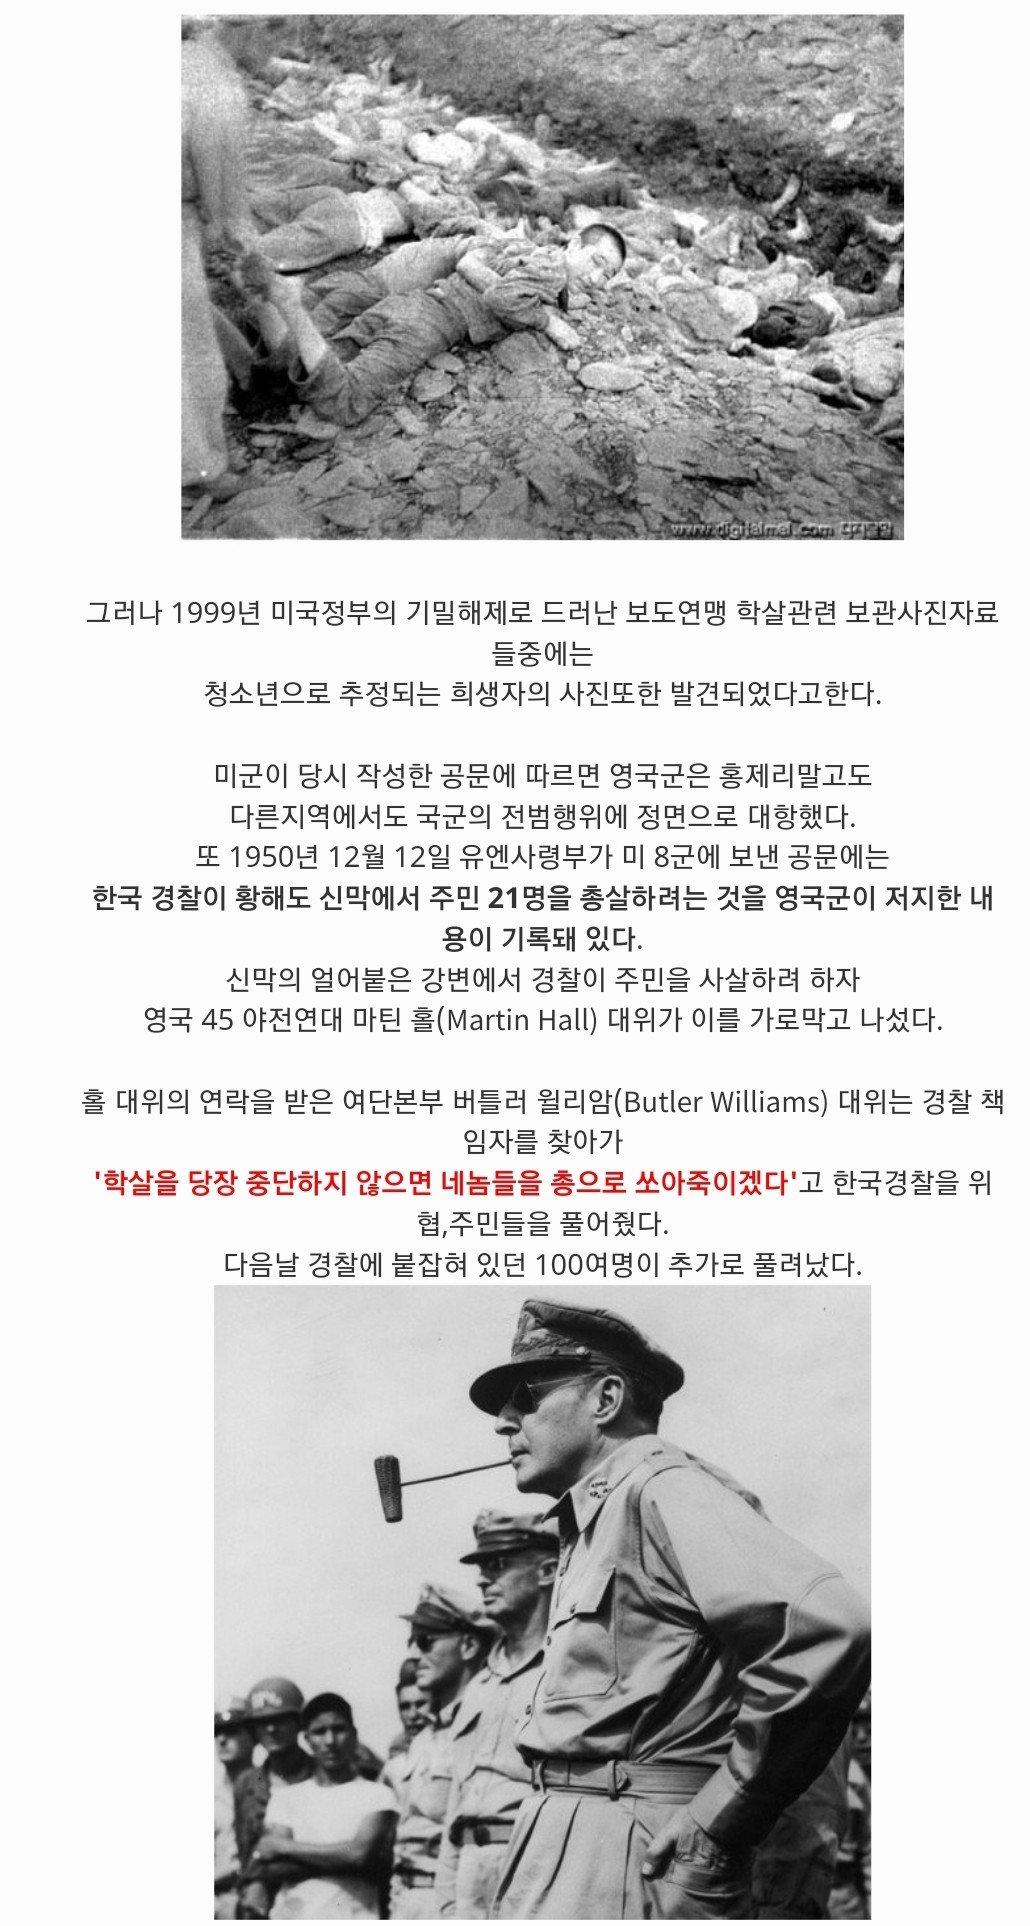 20181001_012219.jpg 한국전쟁 당시 영국군에 의해 밝혀진 학살 사건.jpg